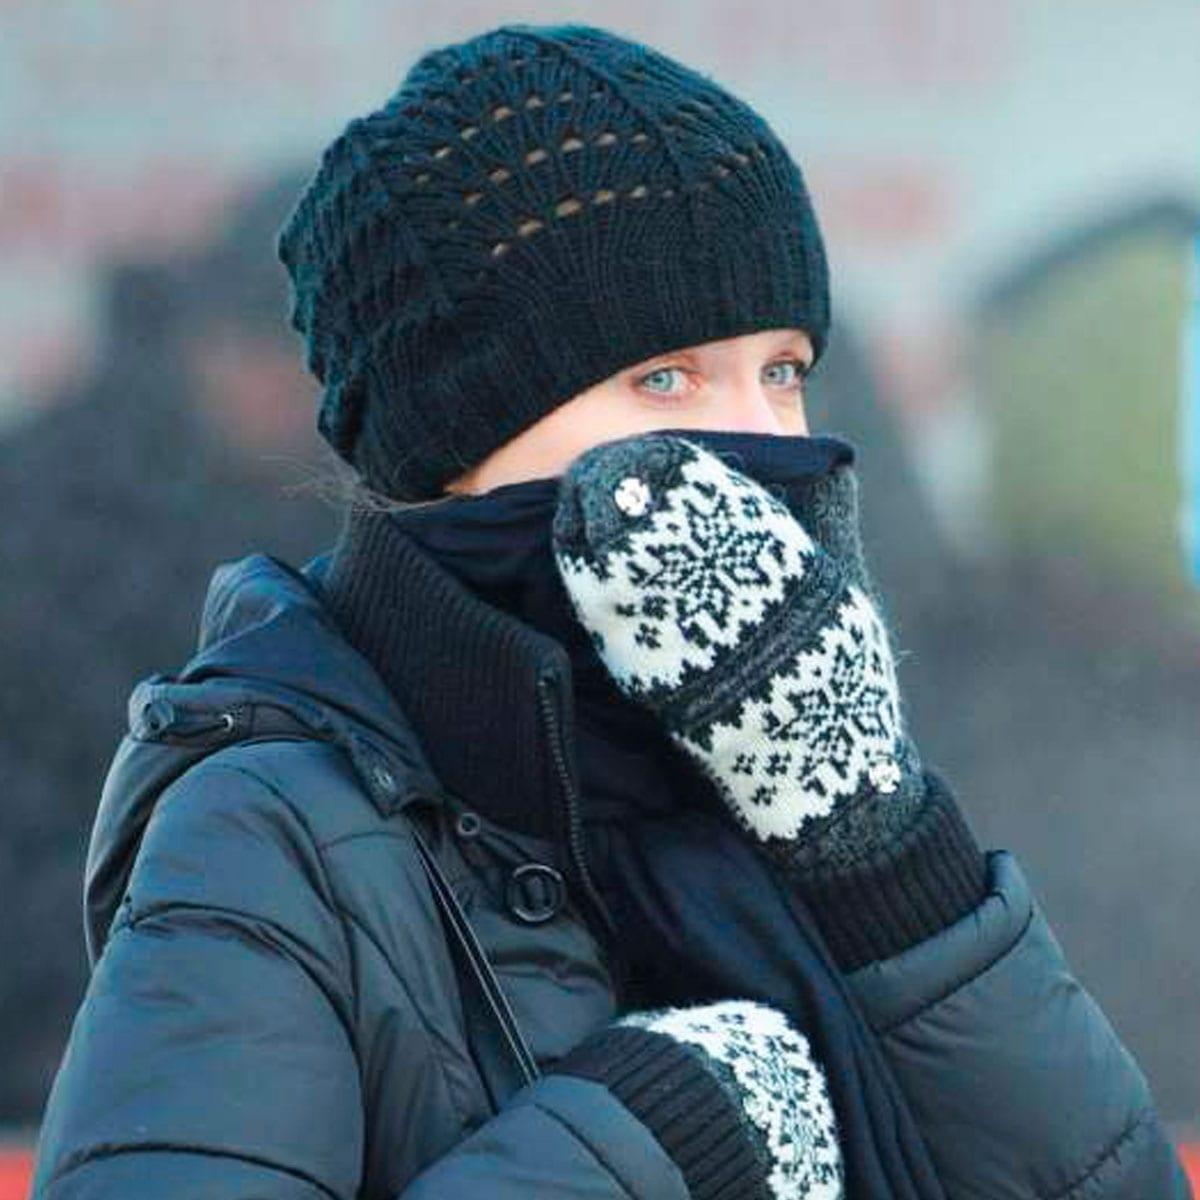 ¡Protege cabeza, manos y pies del frío!